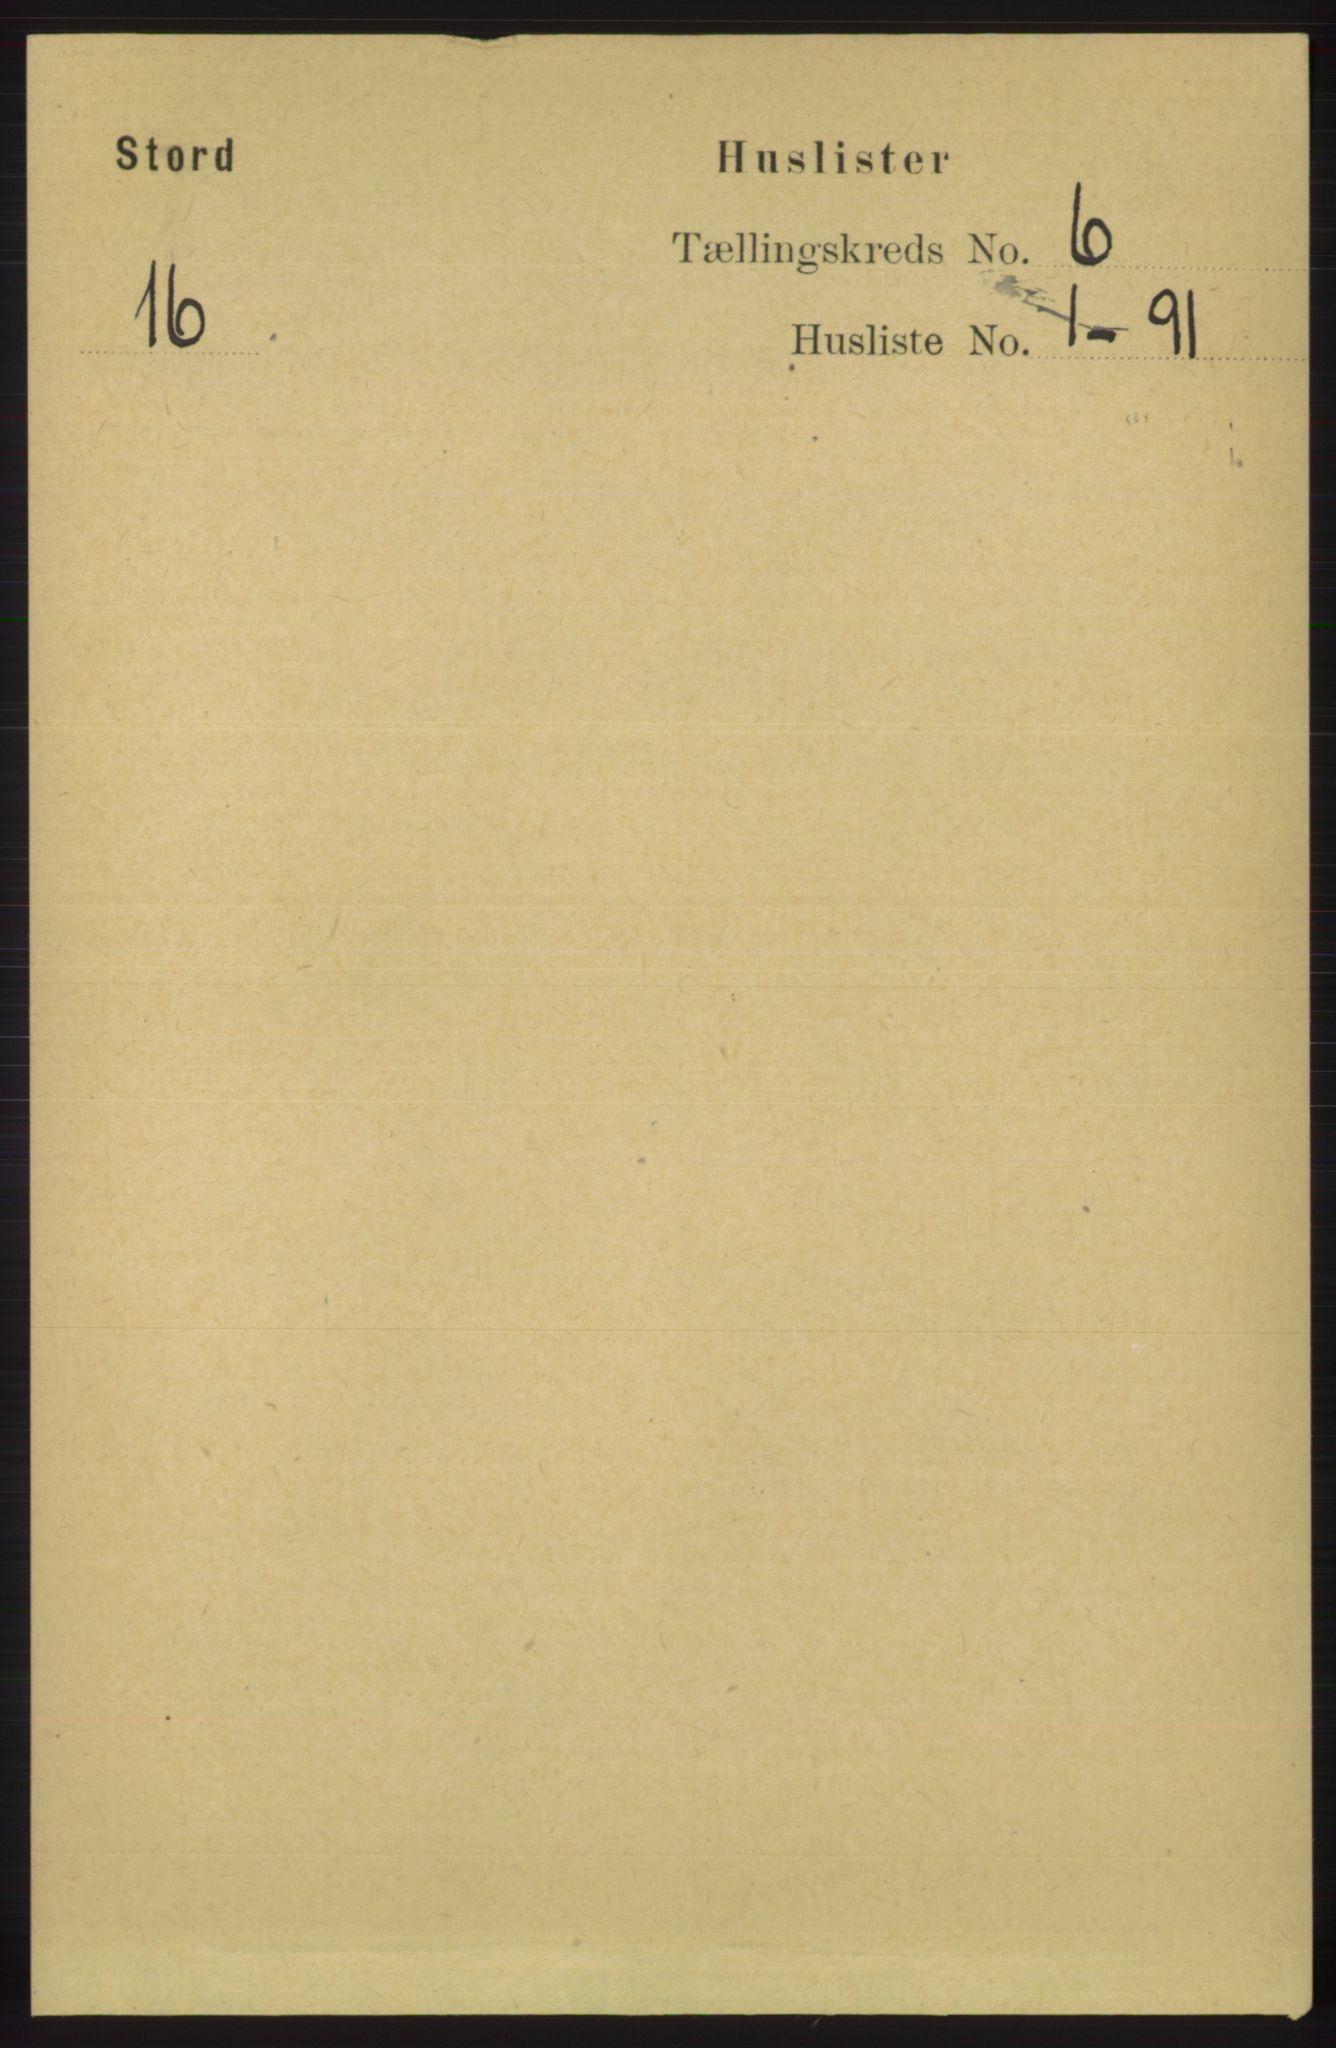 RA, Folketelling 1891 for 1221 Stord herred, 1891, s. 2070